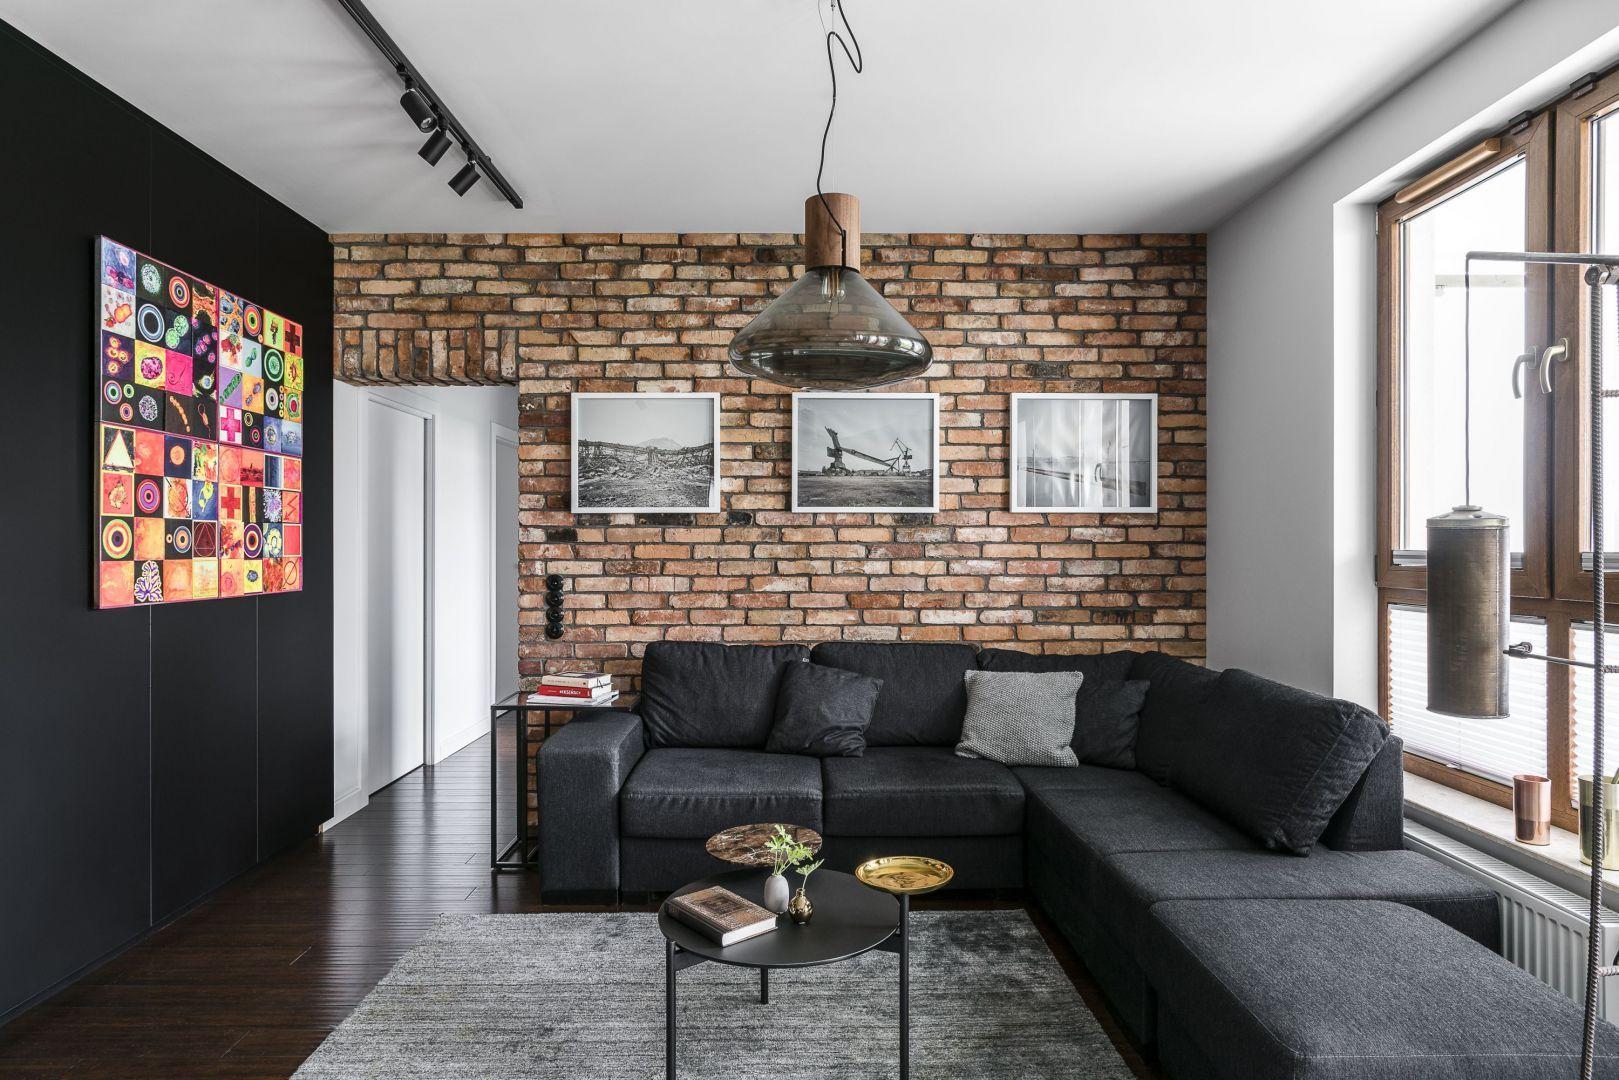 Cegła pięknie zdobi ścianę za kanapą w nowoczesnym salonie. Świetnie pasuje do eleganckie czerni i ciemnych szarości. Projekt: pracowania Magma. Fot. Fotomohito